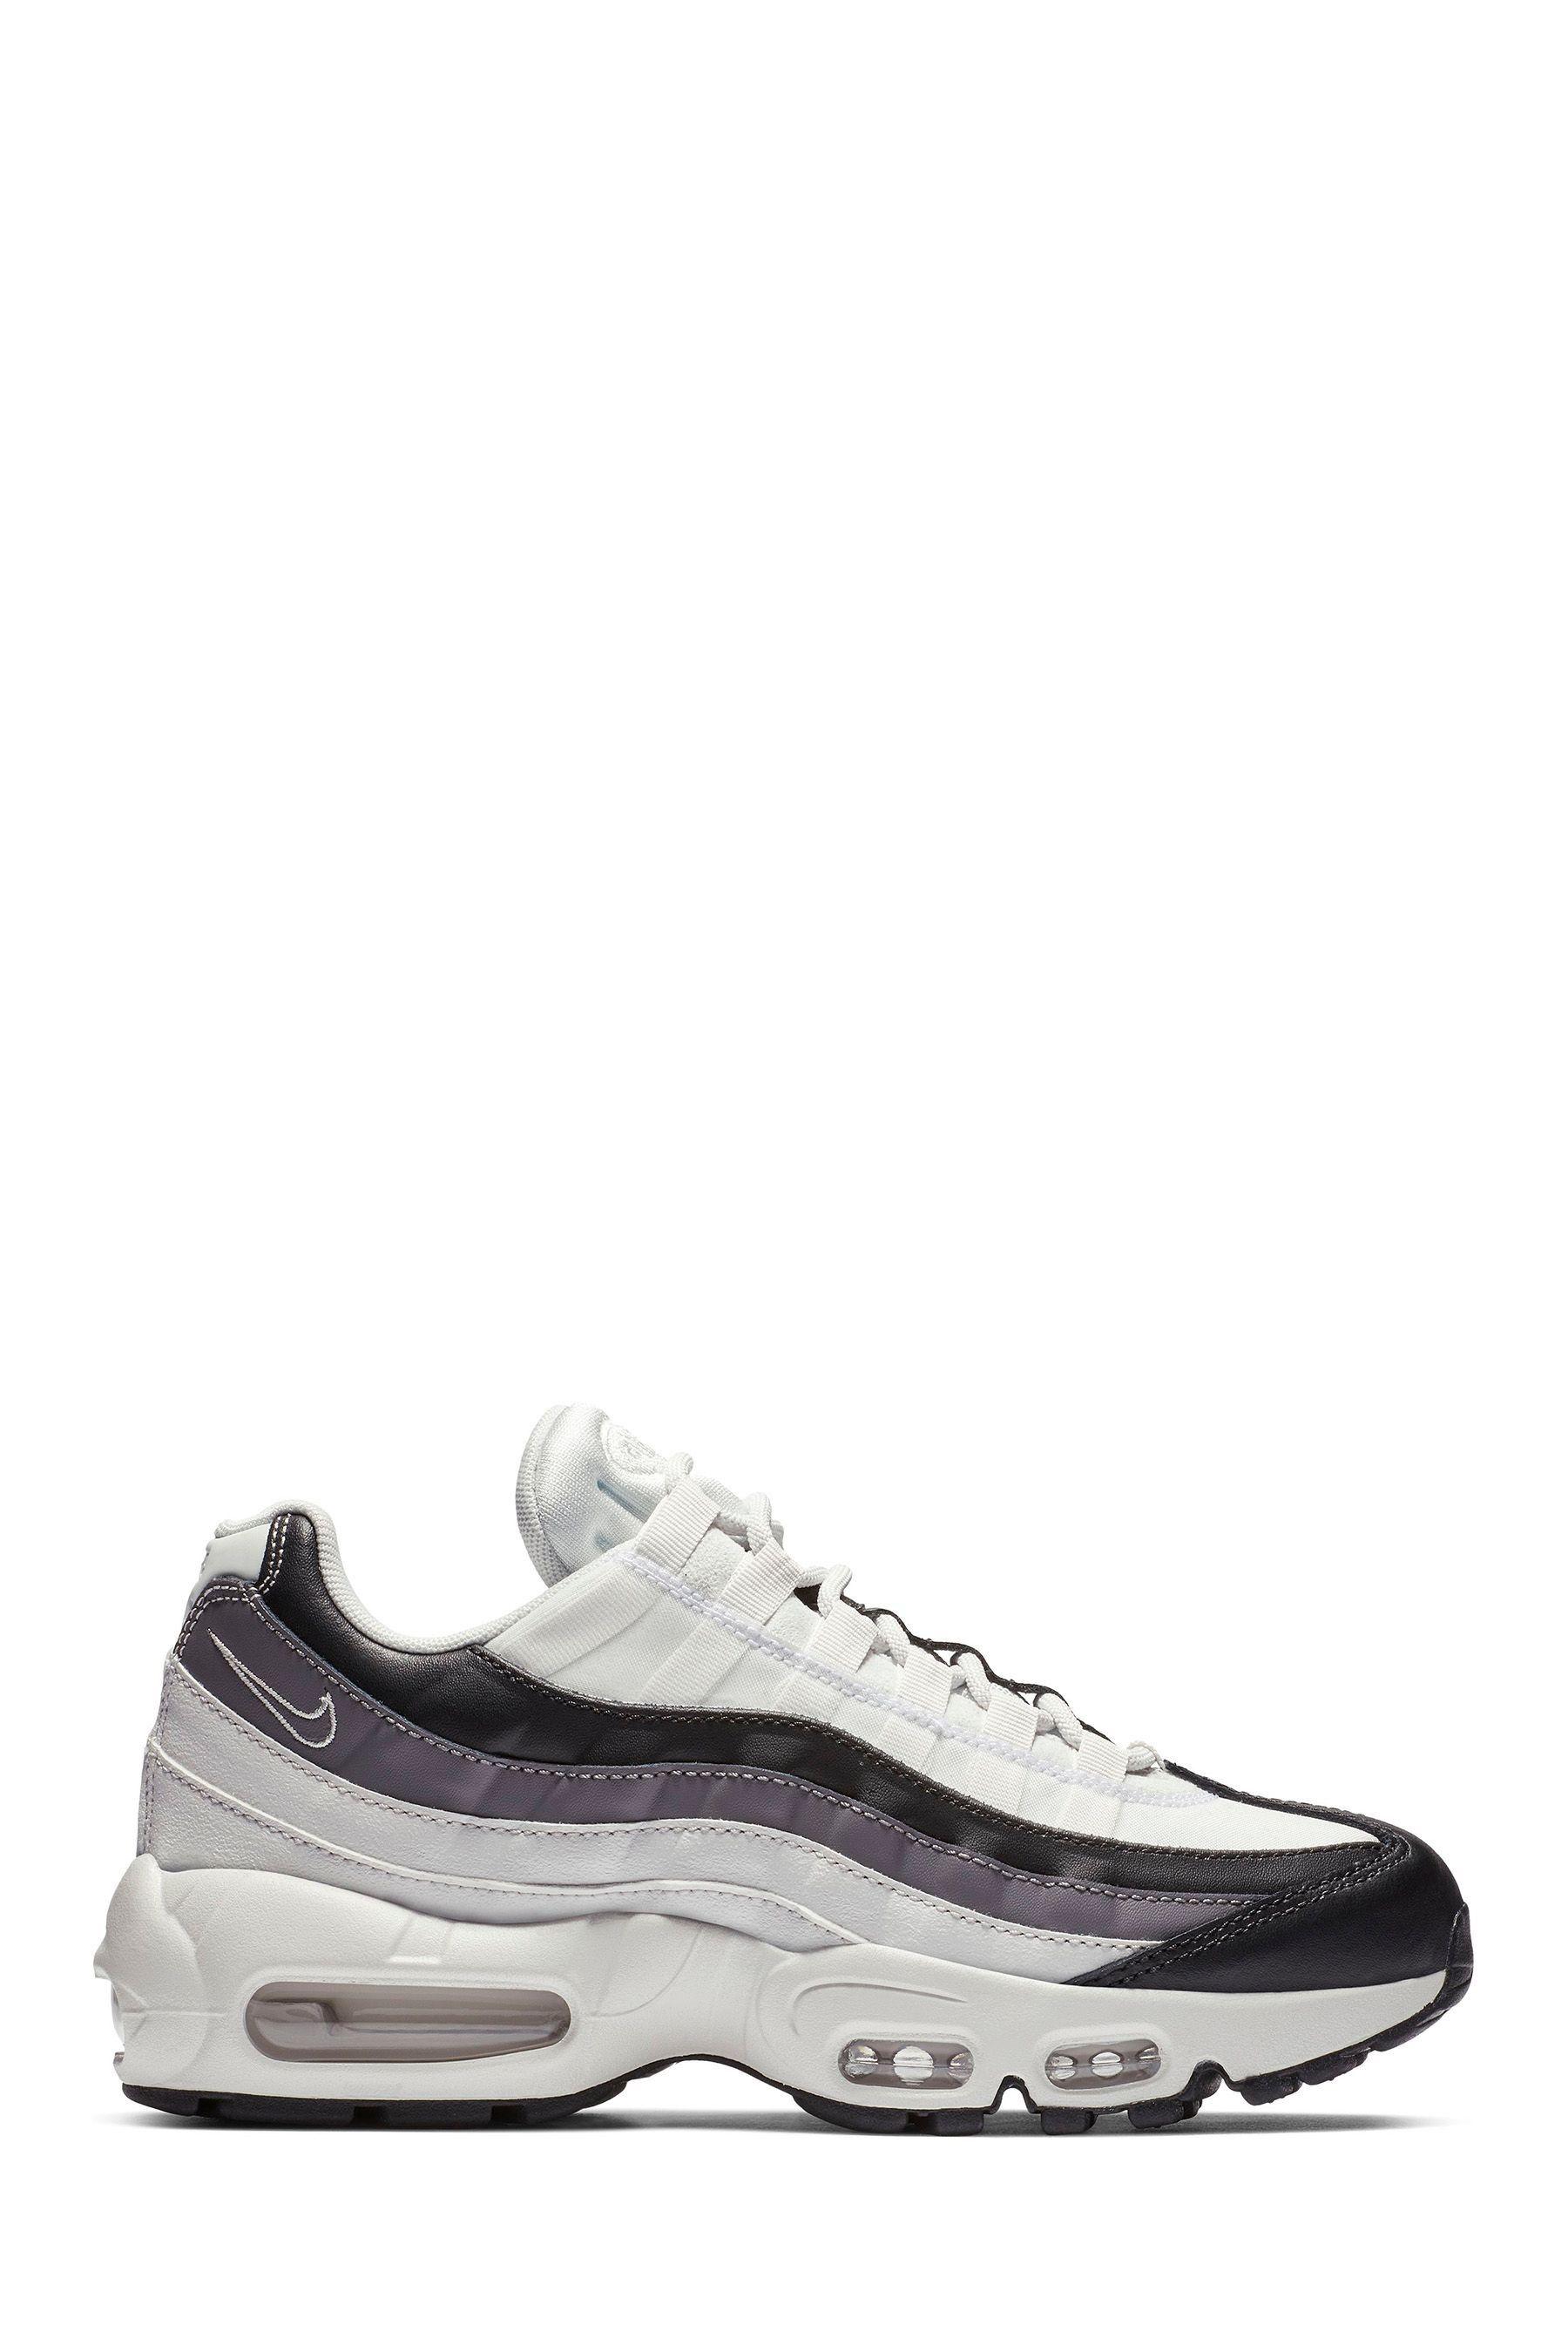 Womens Nike Air Max 95 Black | Nike air max 95, Nike air